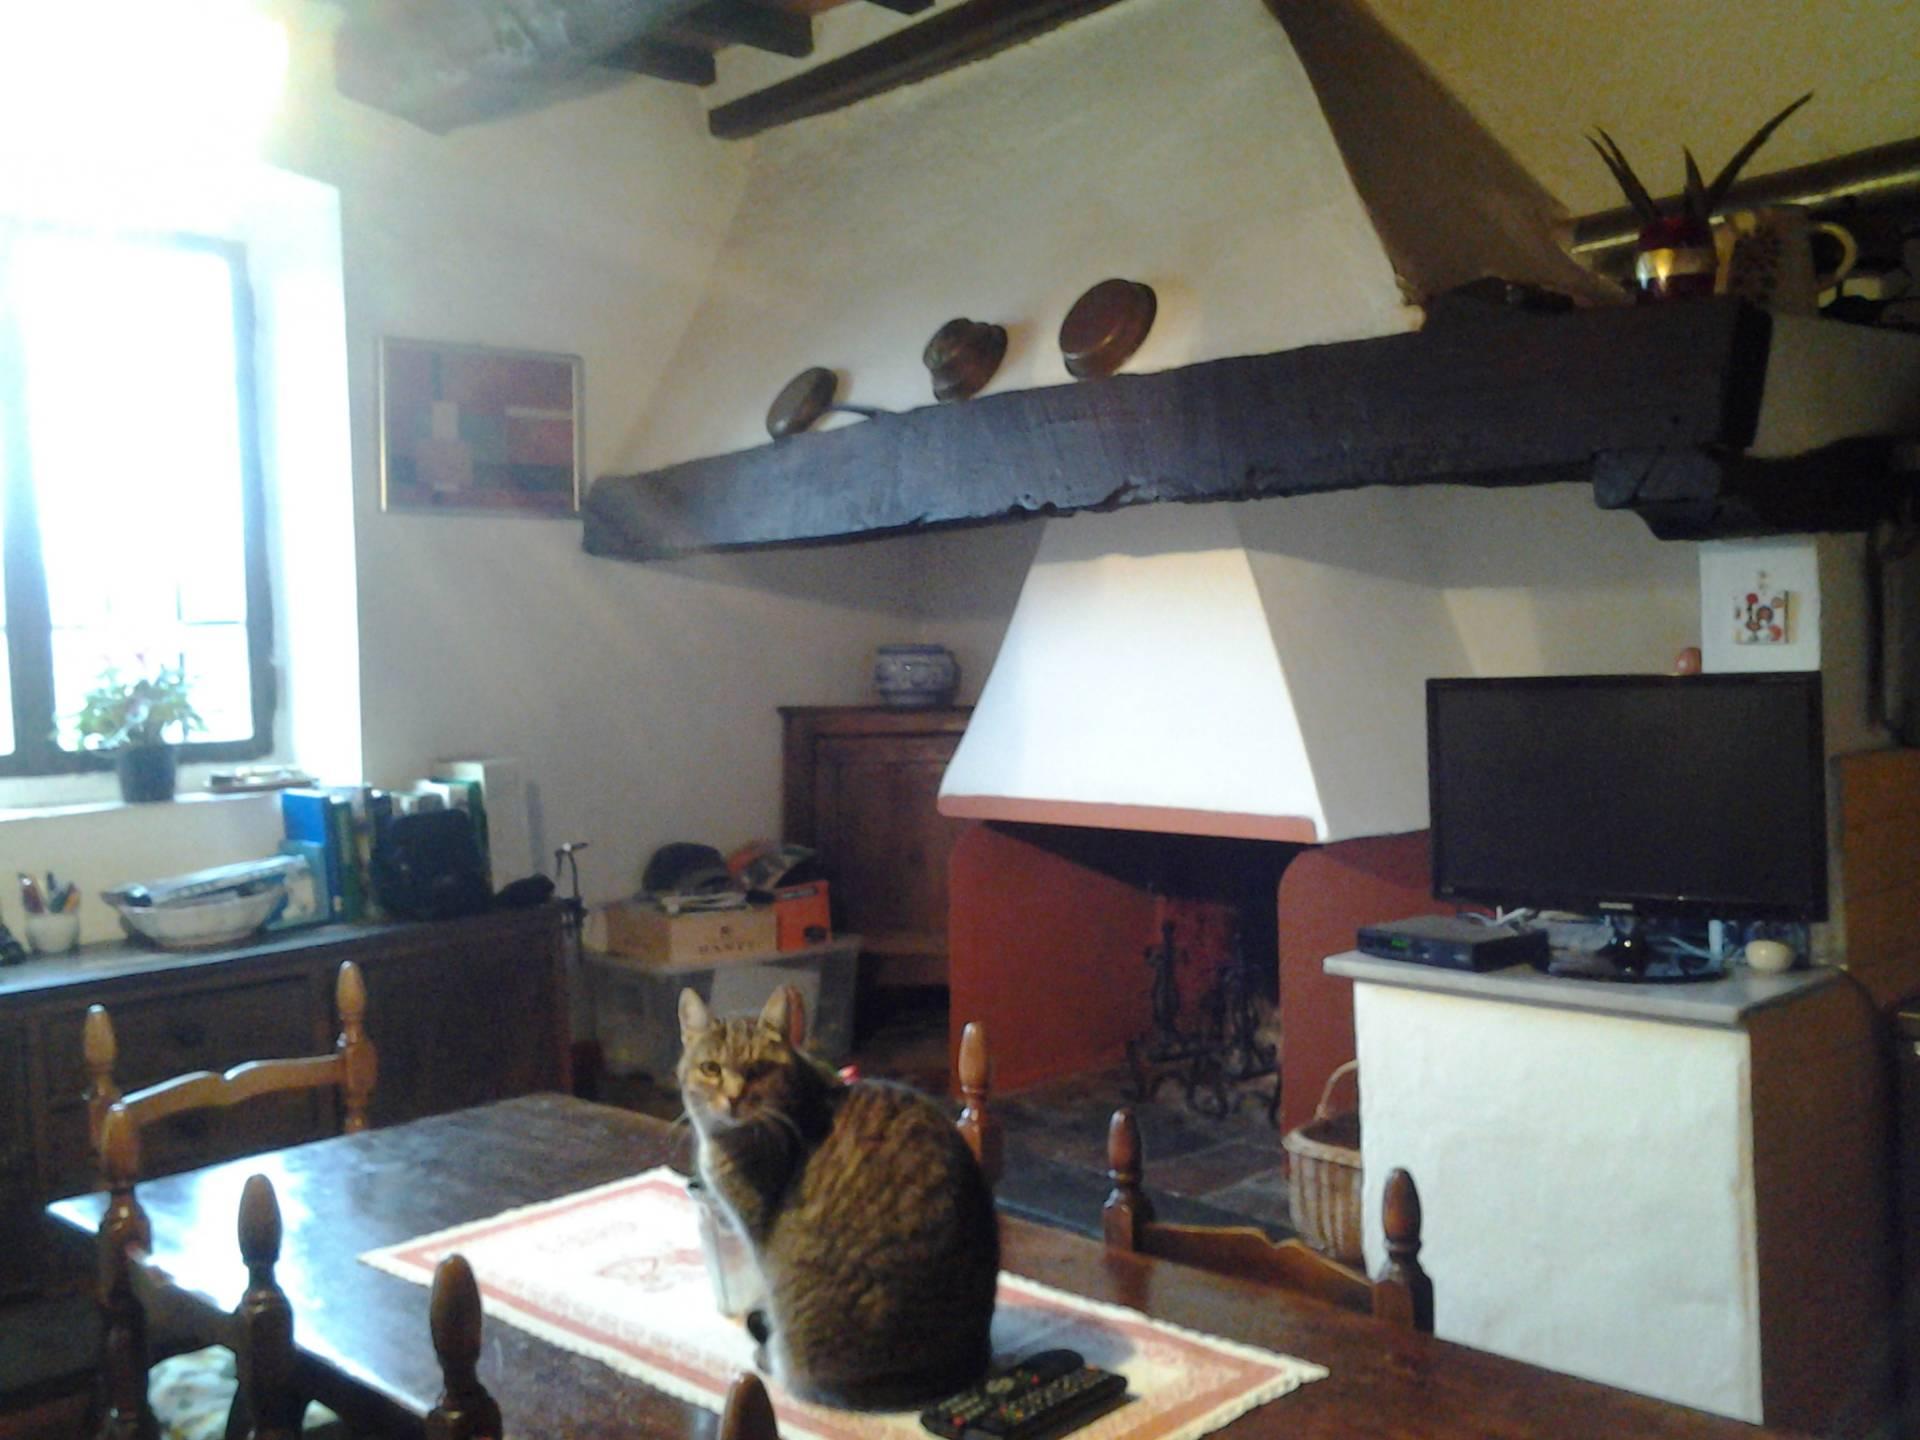 Rustico / Casale in vendita a San Casciano in Val di Pesa, 15 locali, prezzo € 685.000 | Cambio Casa.it